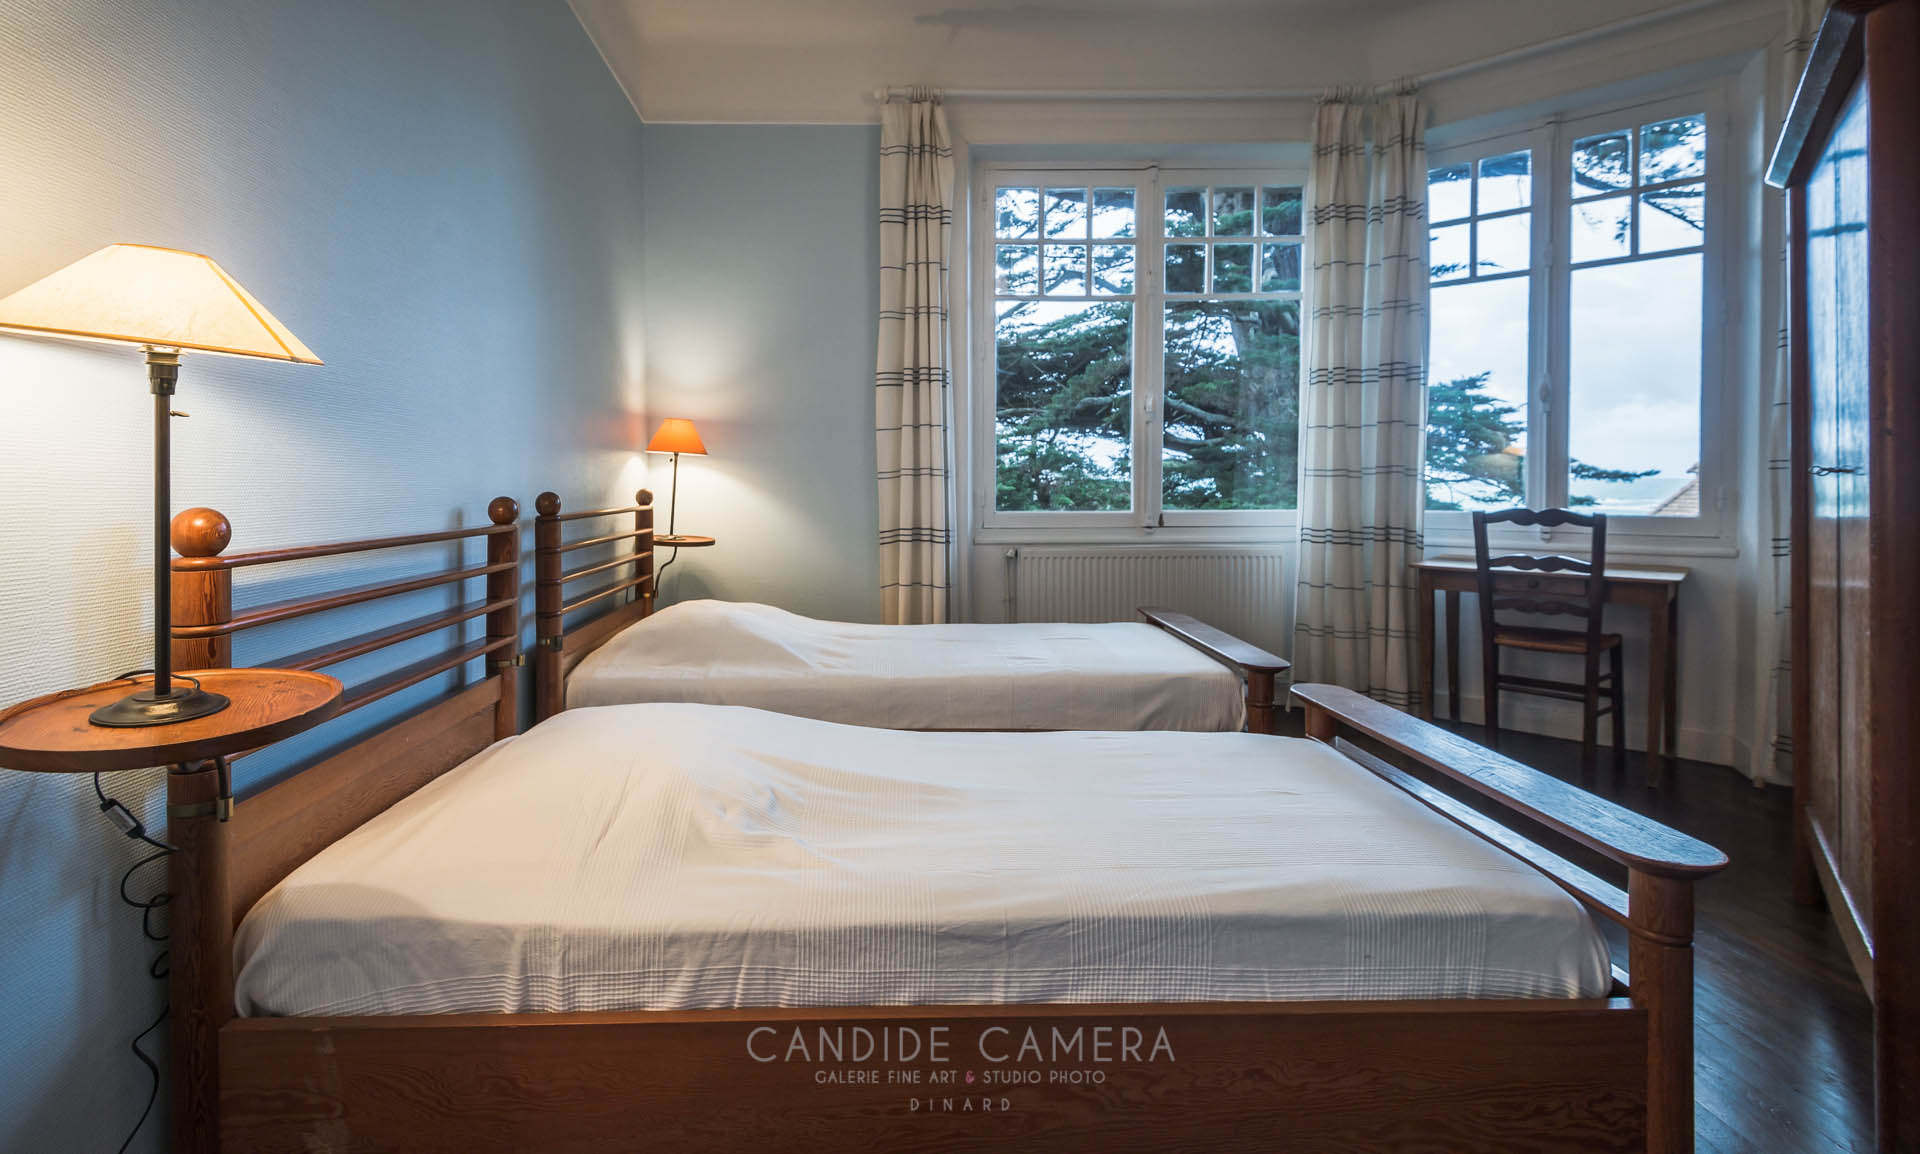 GALERIE_CANDIDE_CAMERA_PHOTOGRAPHE_DINARD_047__BSC0099